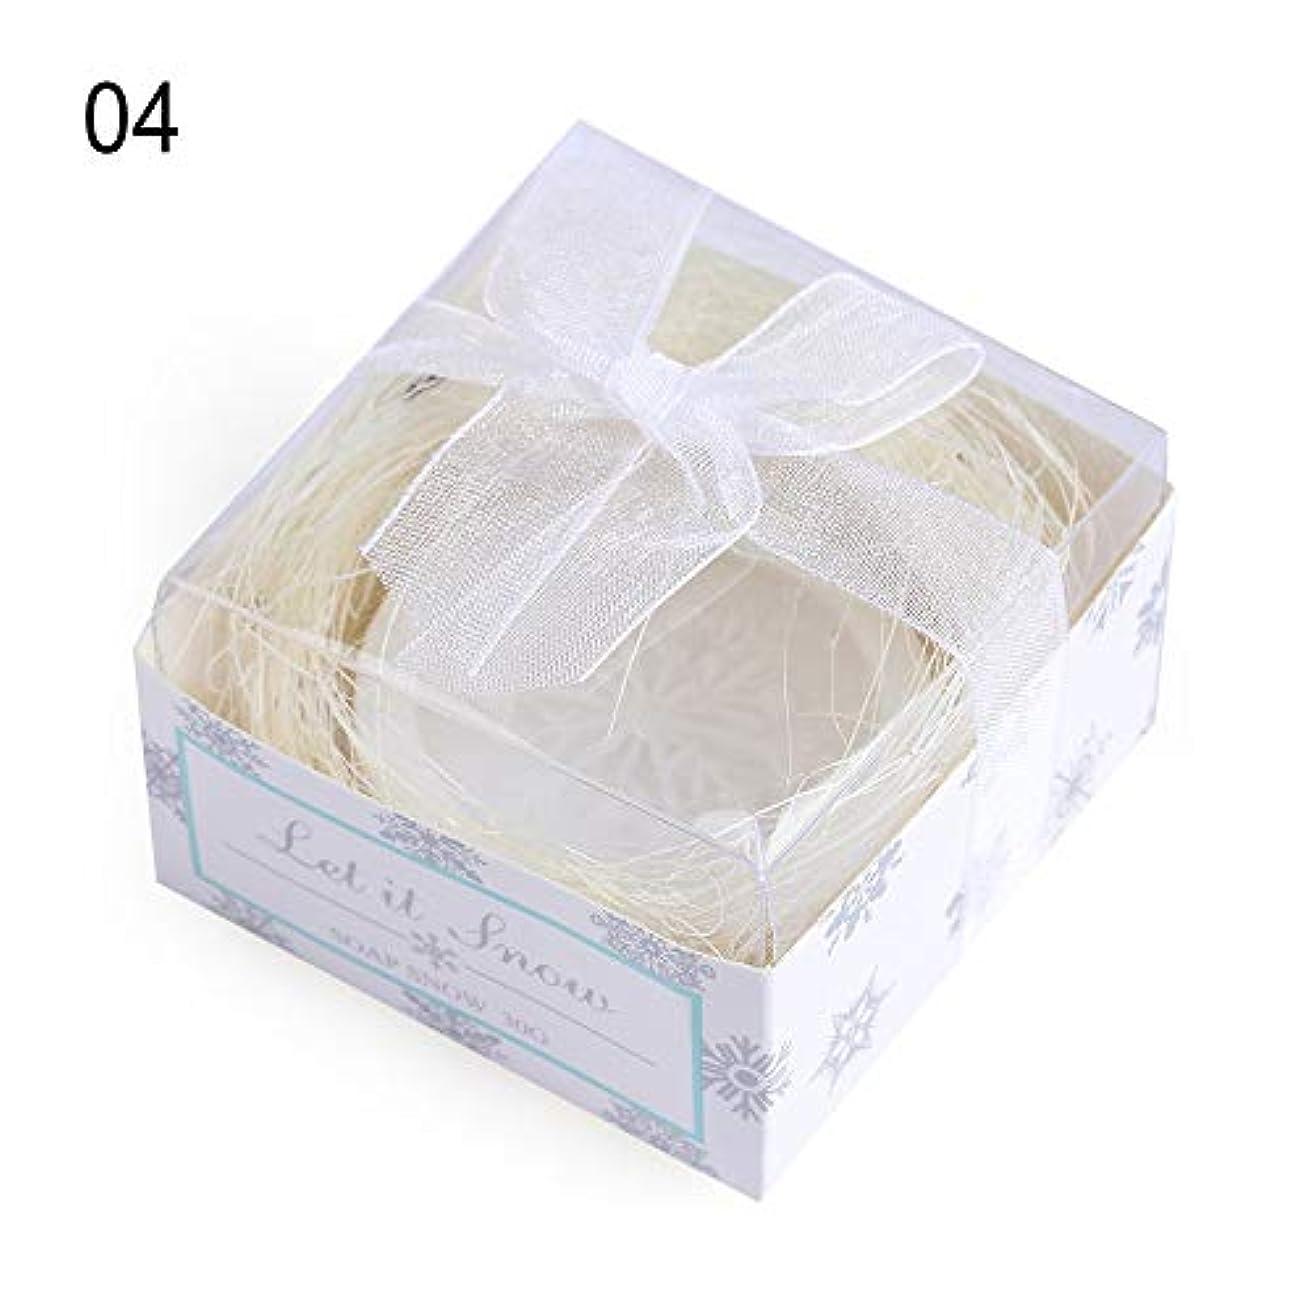 農奴受け皿権利を与える手作り石鹸ミニ様々なファッション形状デザイン浴室石鹸結婚式パーティーハンドギフト